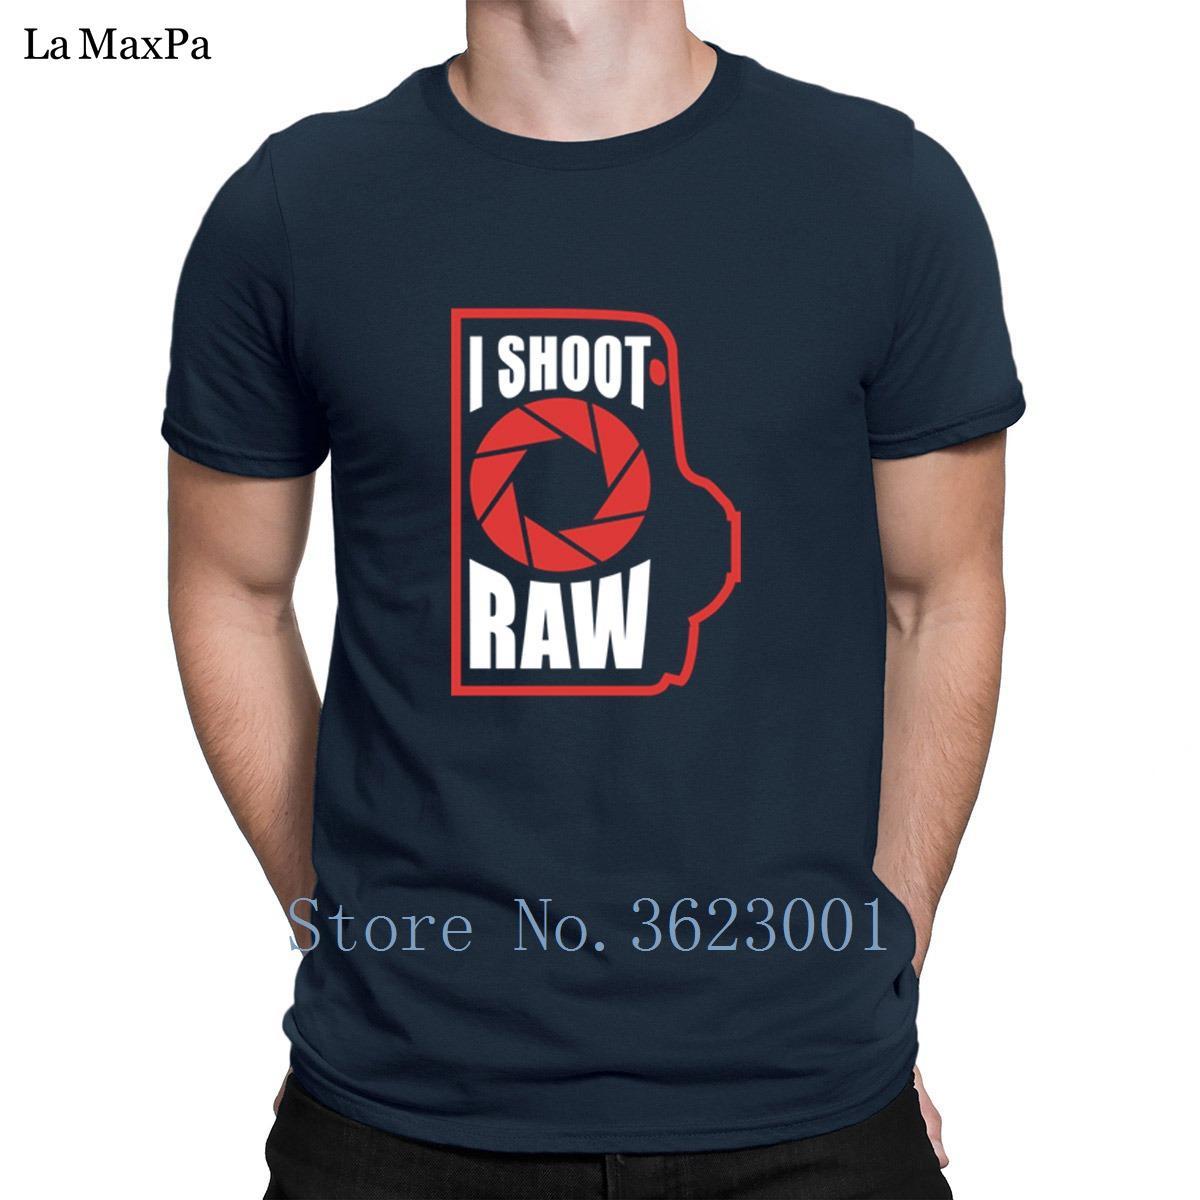 Raw T-shirt più nuova estate di stile di T shirt personalizzate I dell'annata Spara Equipaggiata Per Mens anti-rughe Cotton Semplice